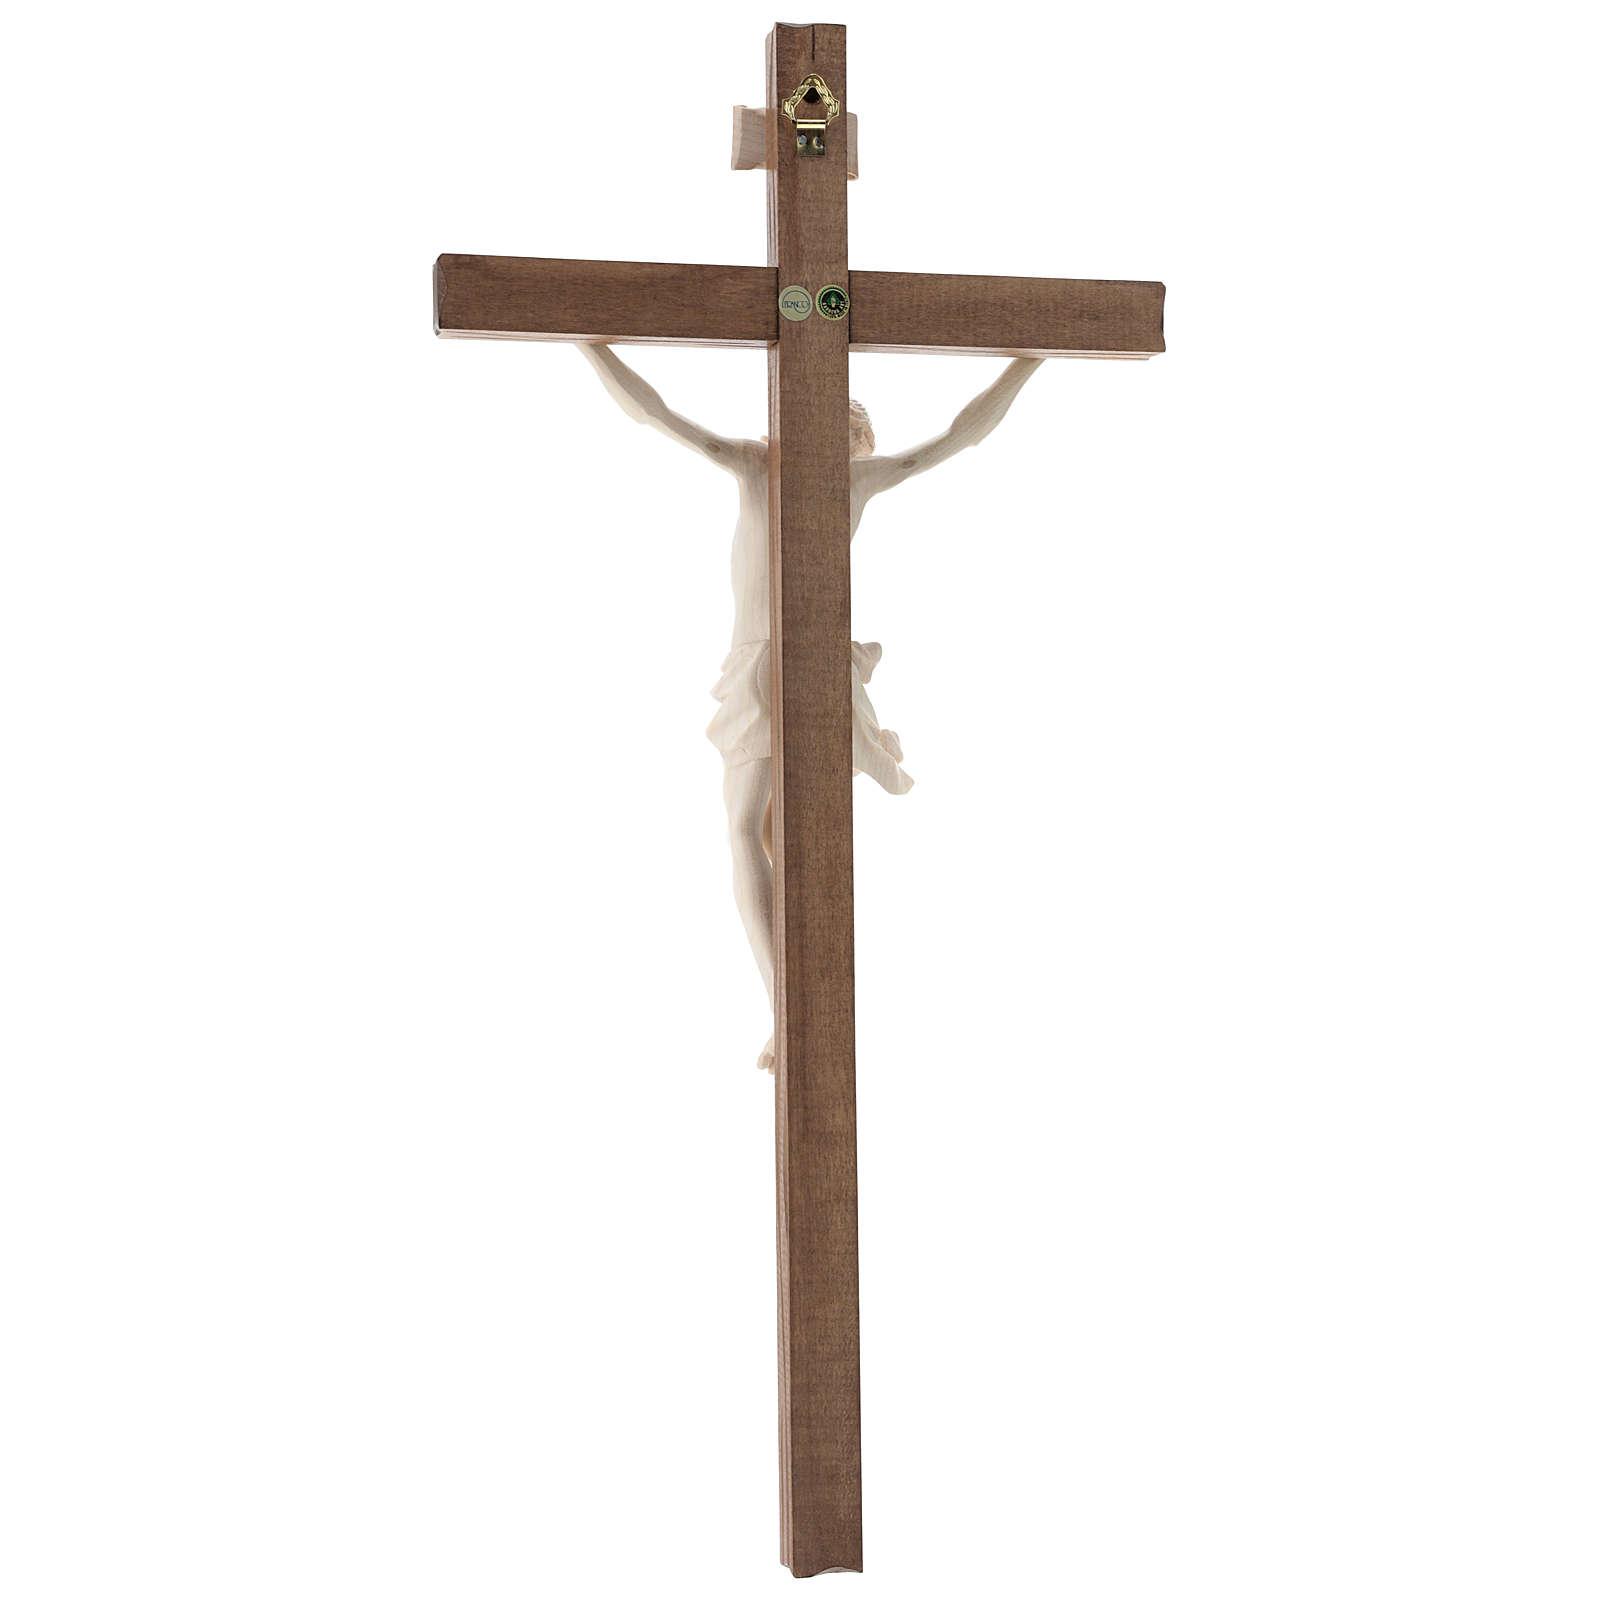 Crocifisso mod. Corpus croce dritta legno Valgardena naturale ce 4